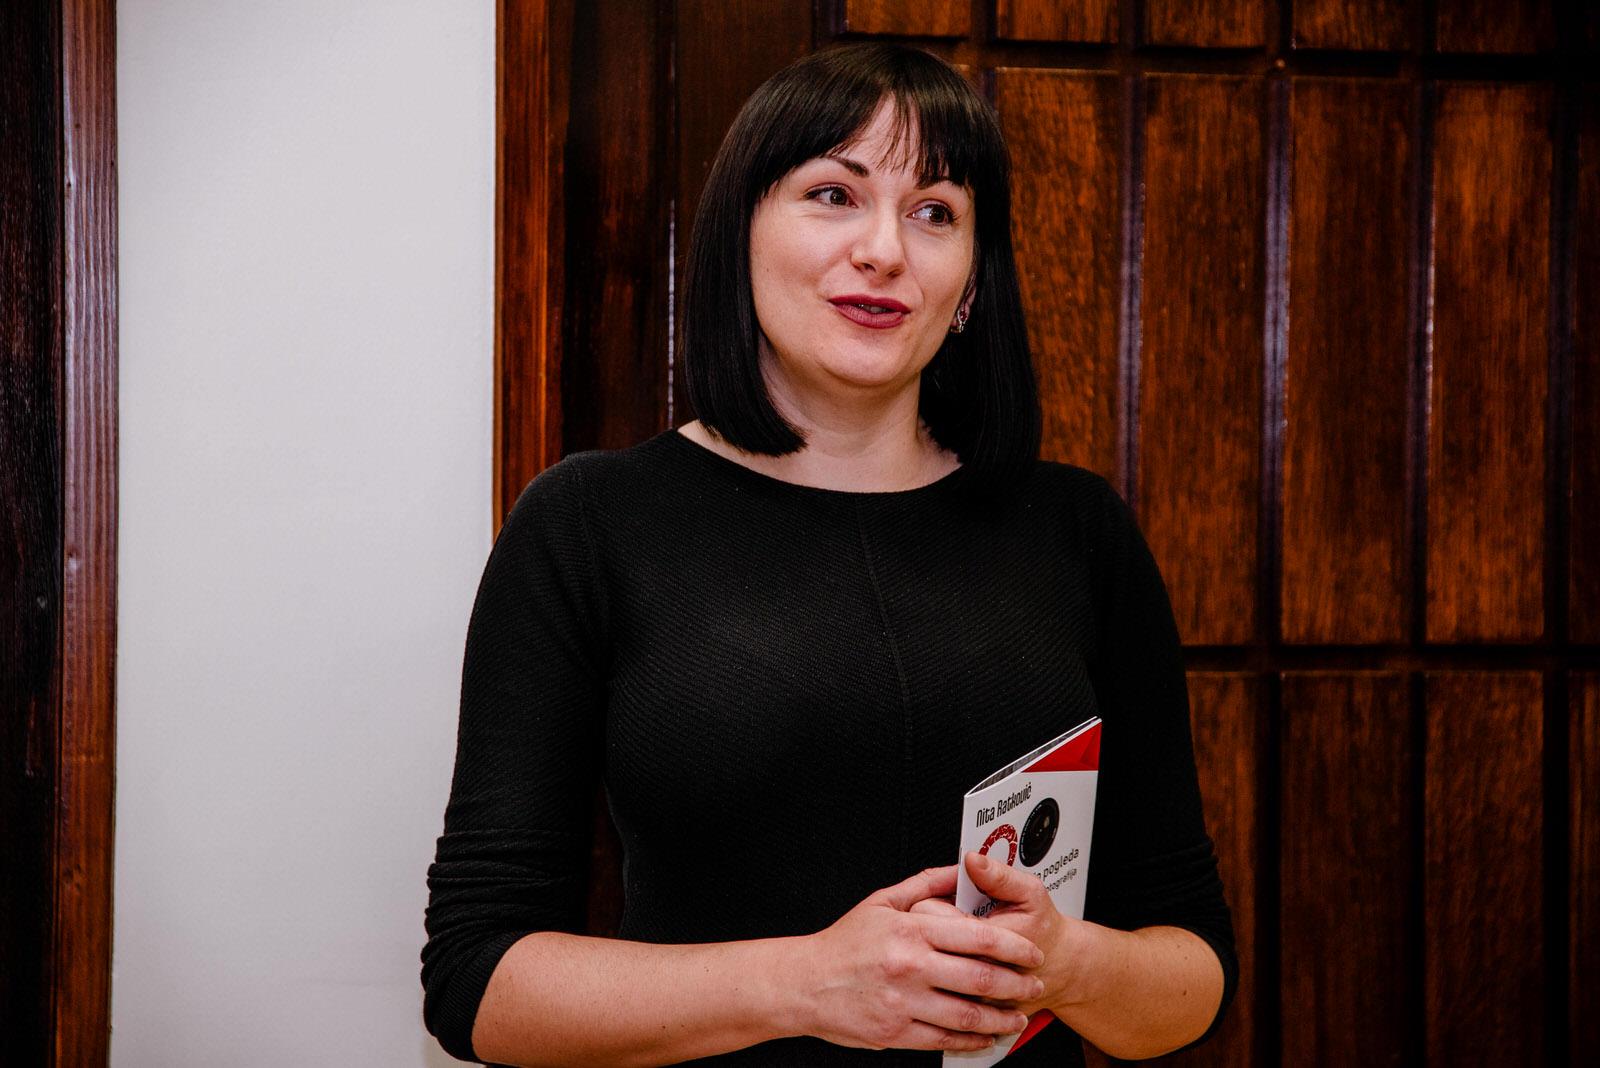 likaclub_izložba fotografije nita ratković_2020 (18)